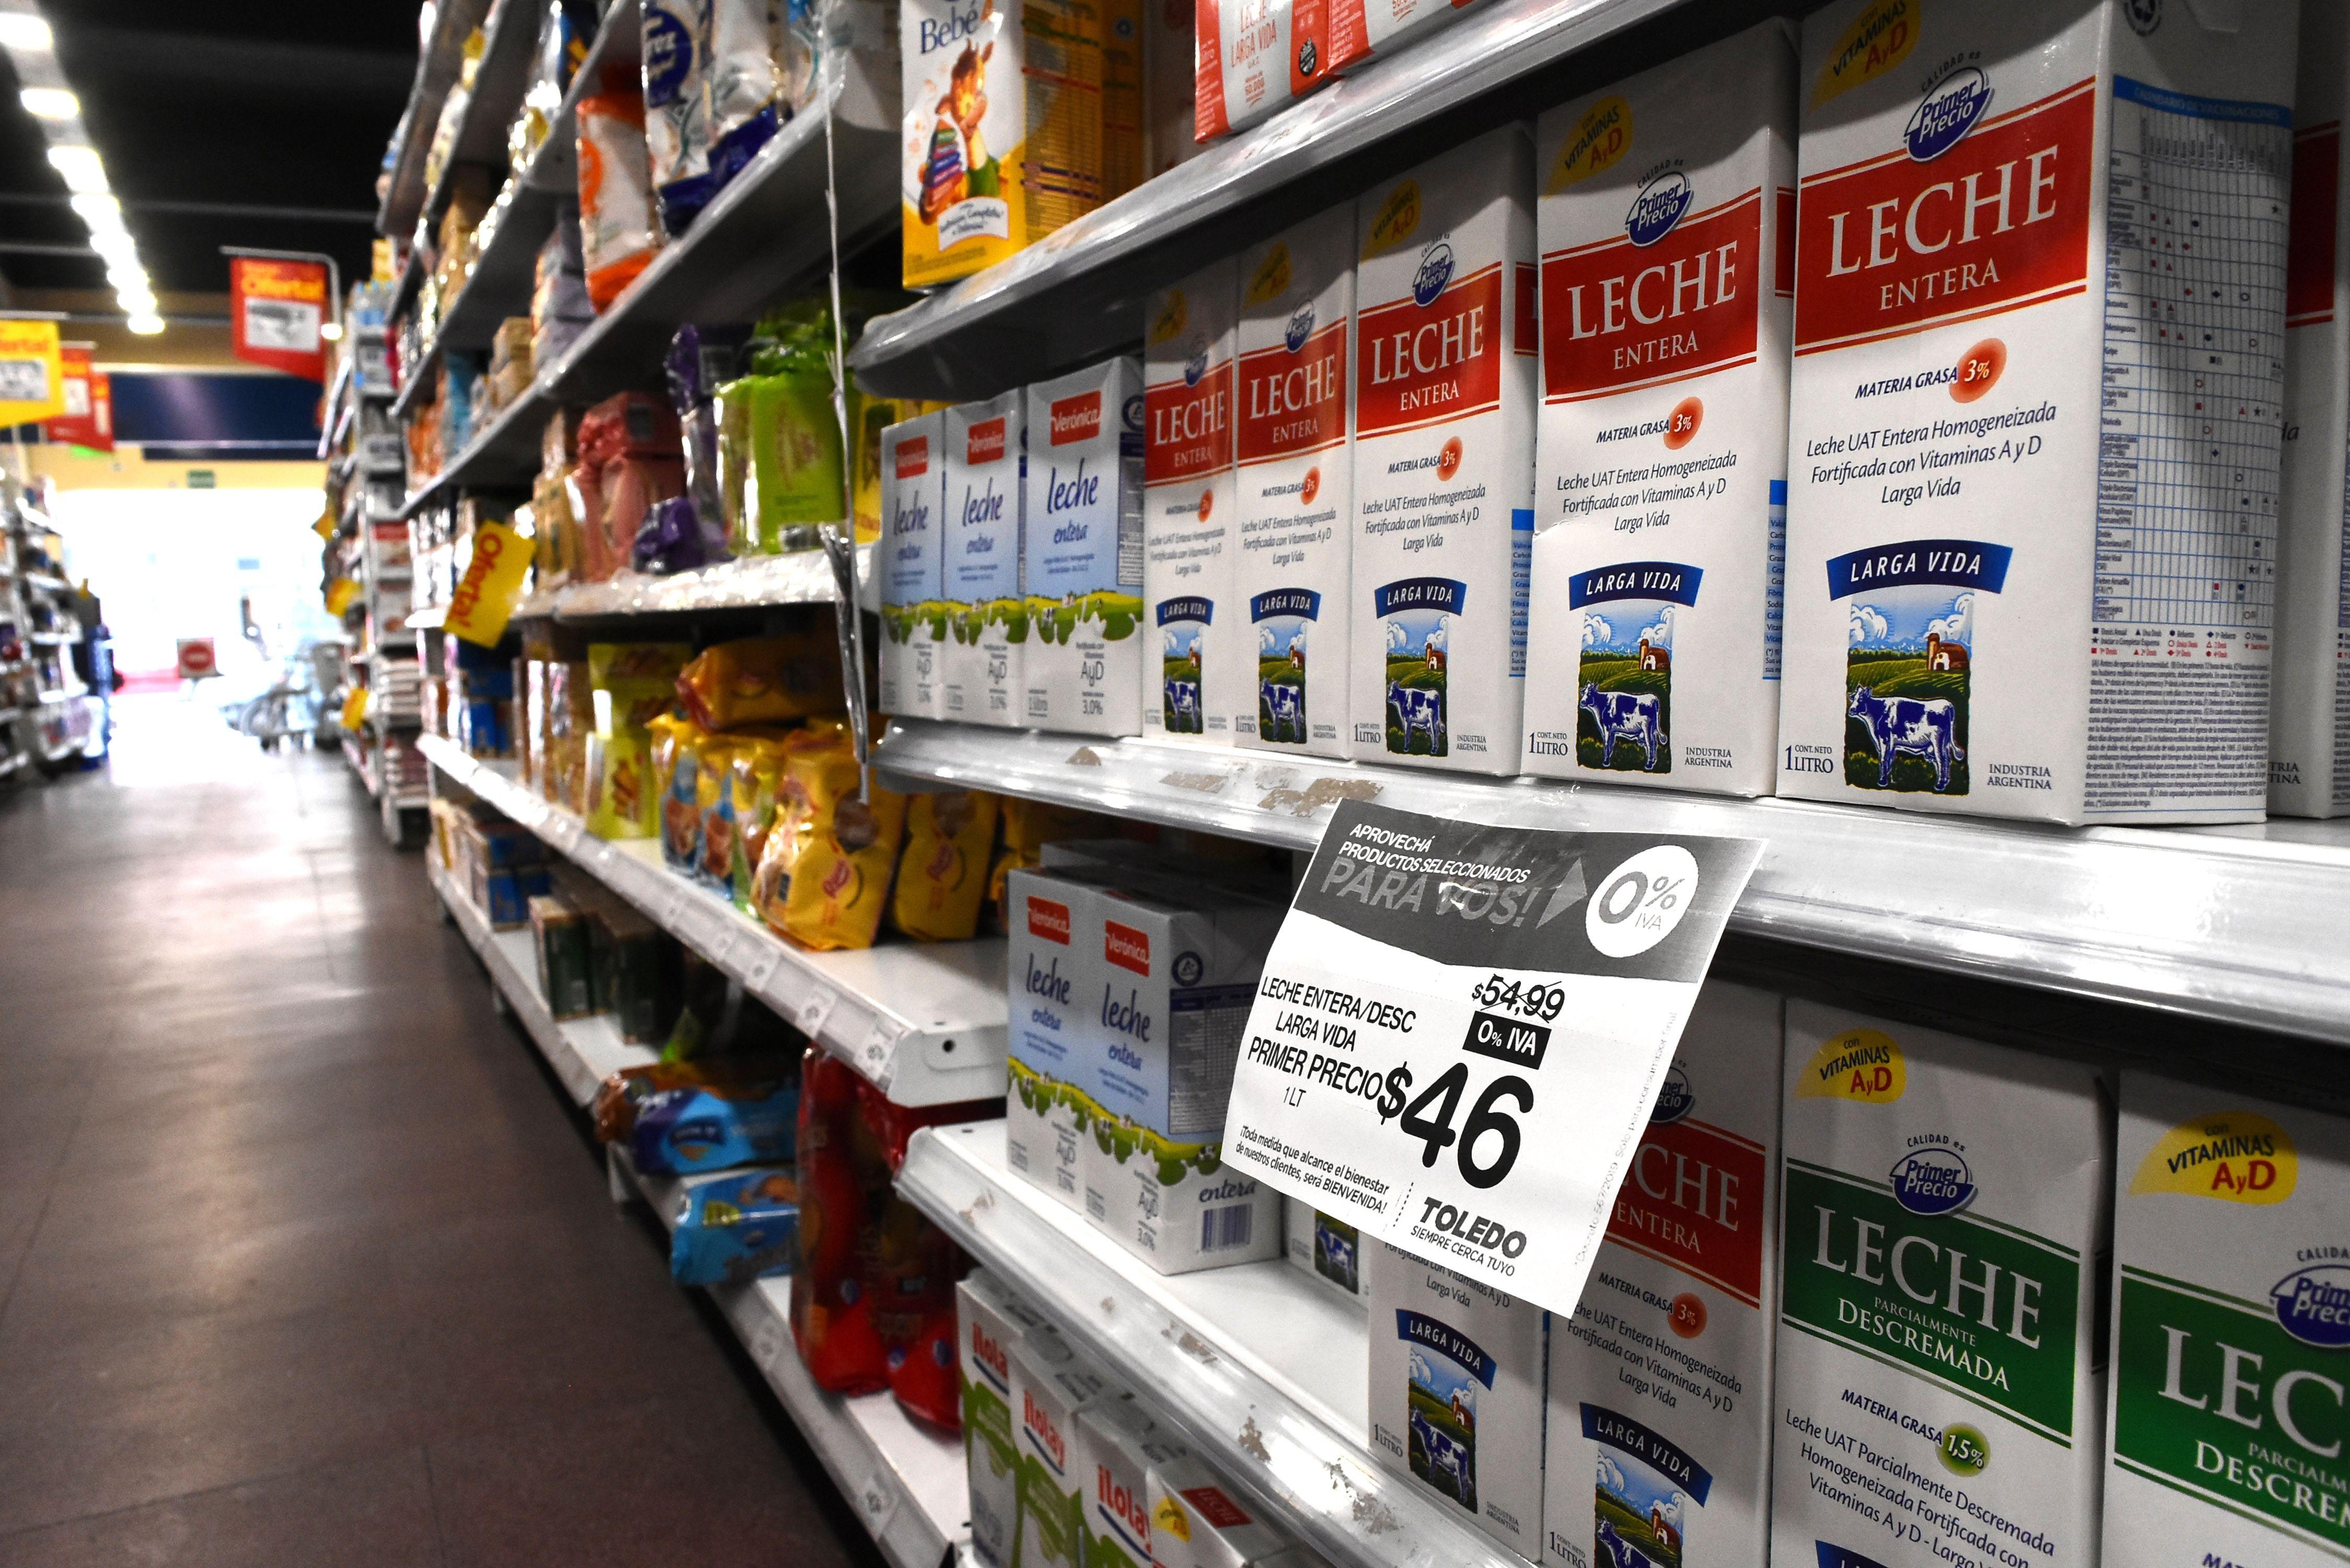 Fernando Savore: Jamás dieron resultado los acuerdos de precios